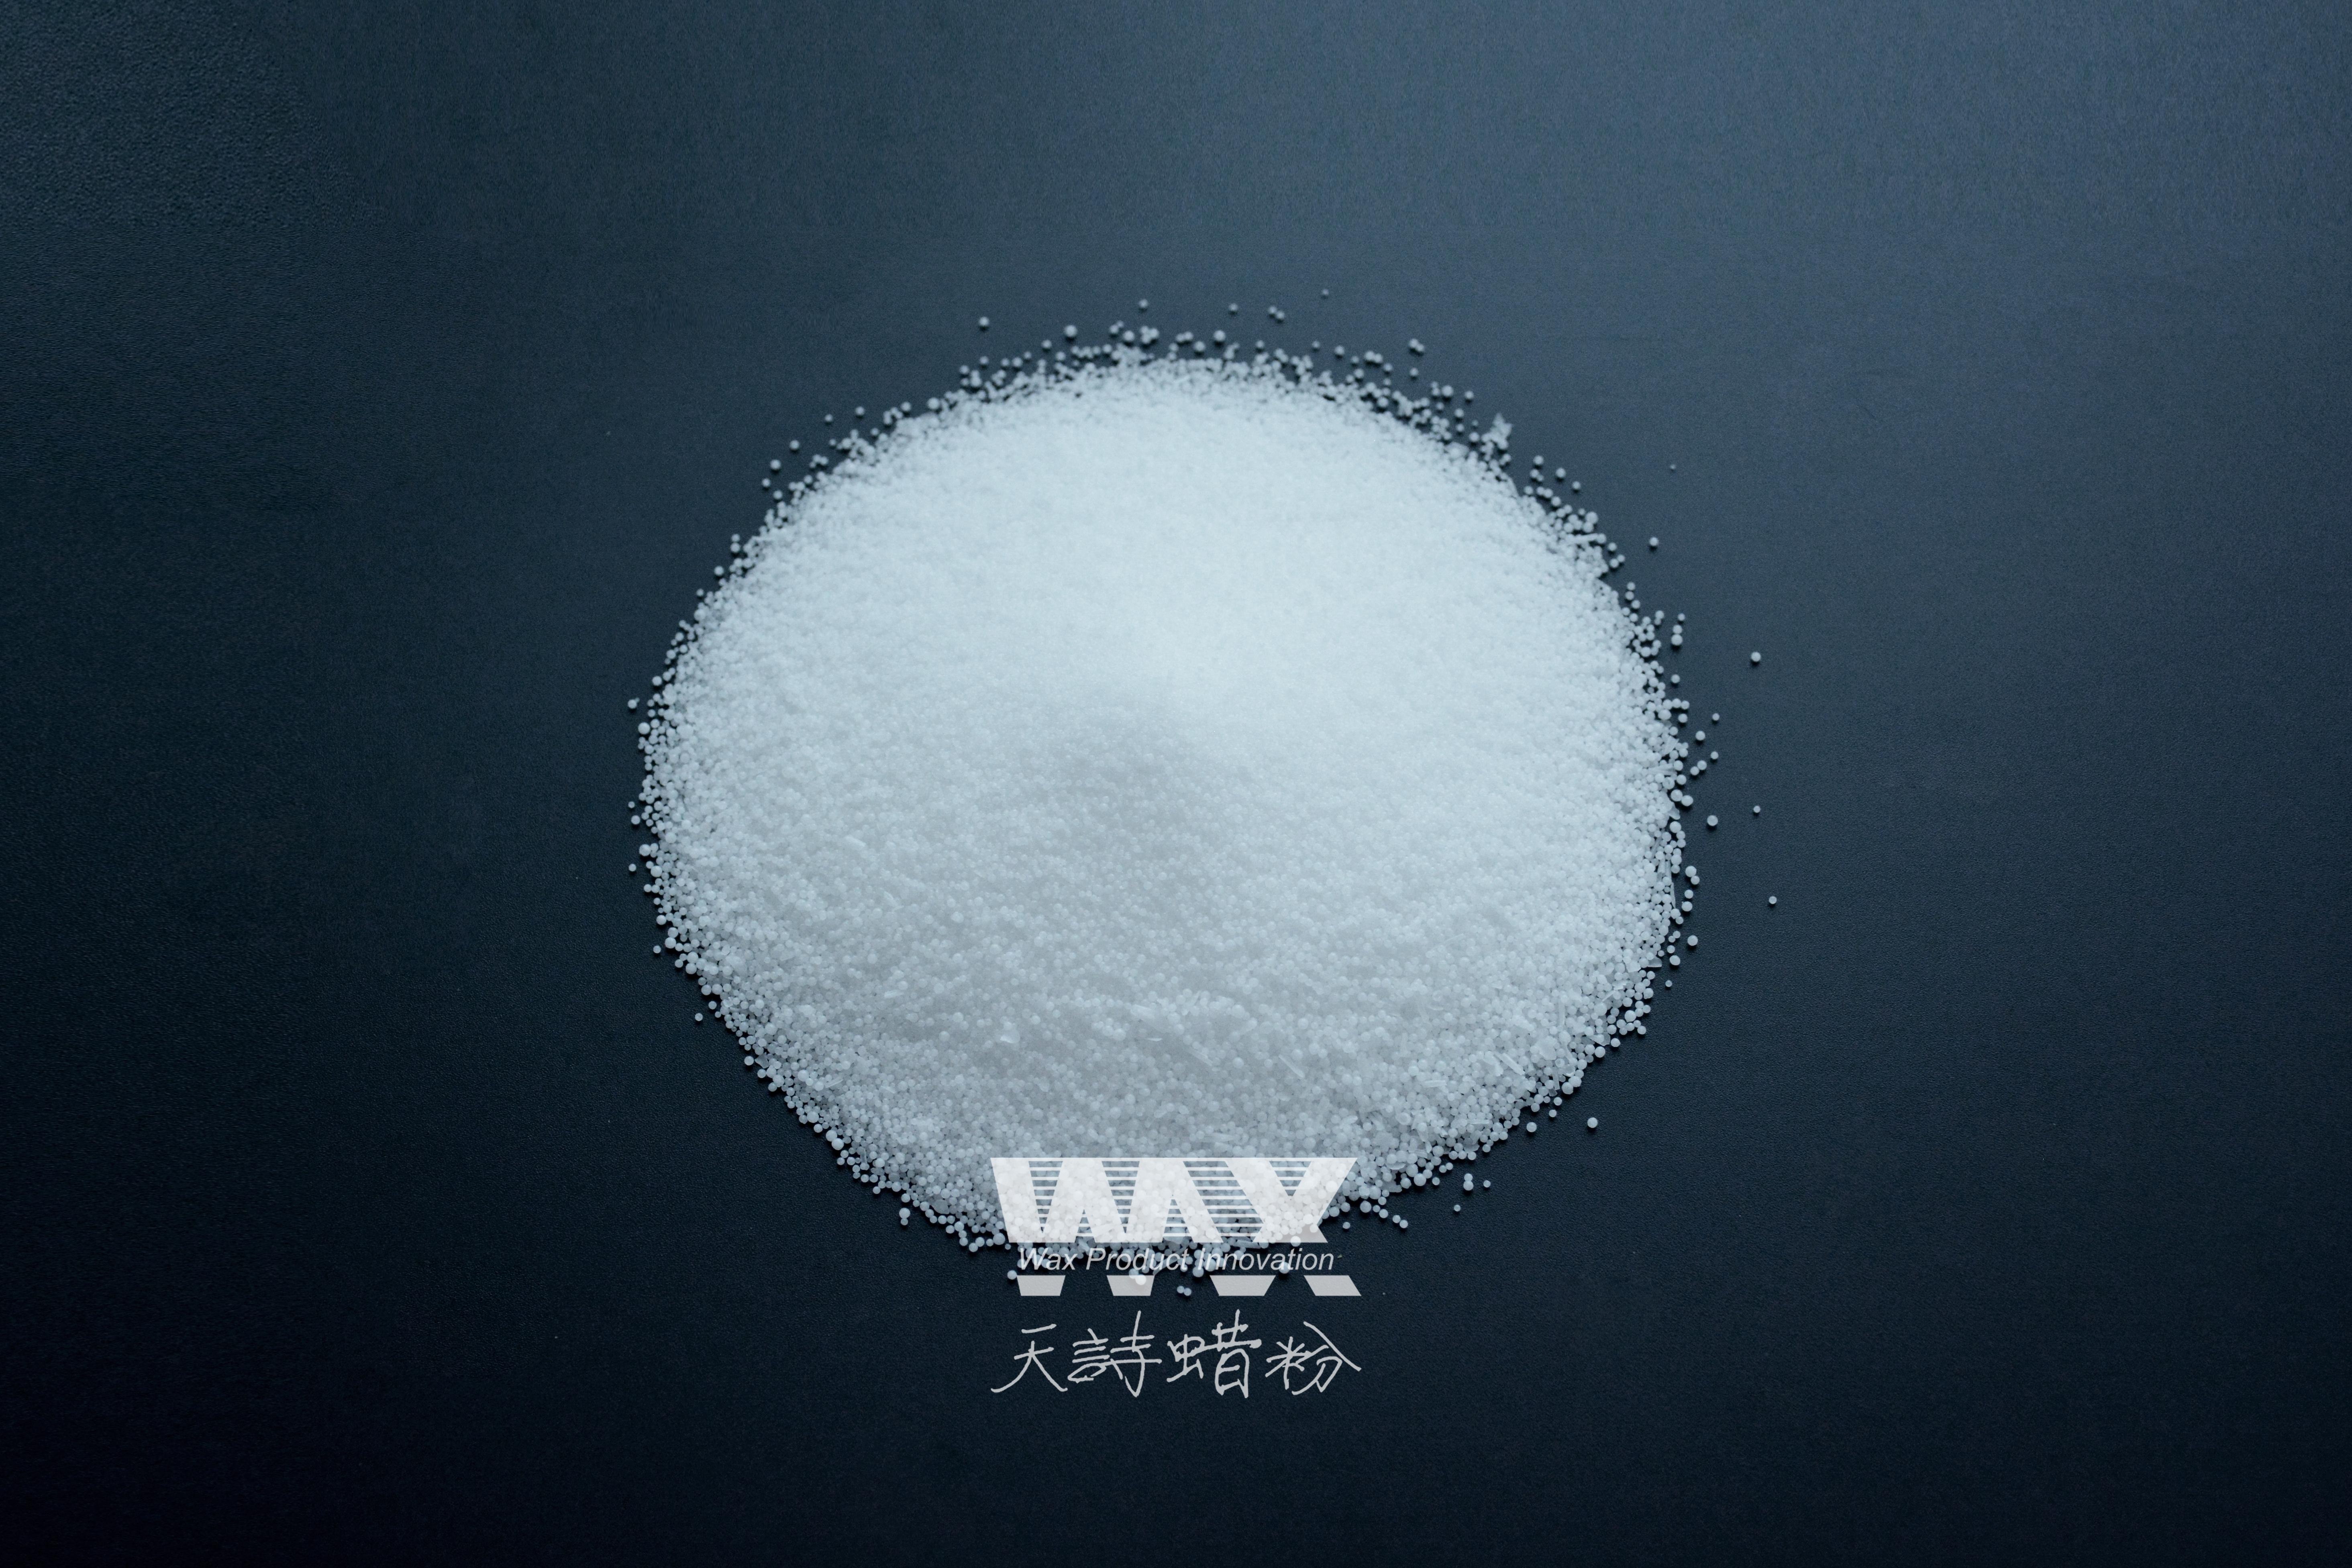 聚乙烯蜡 低密度聚乙烯蜡 低分子聚乙烯蜡 聚乙烯蜡粉末 天诗蜡粉